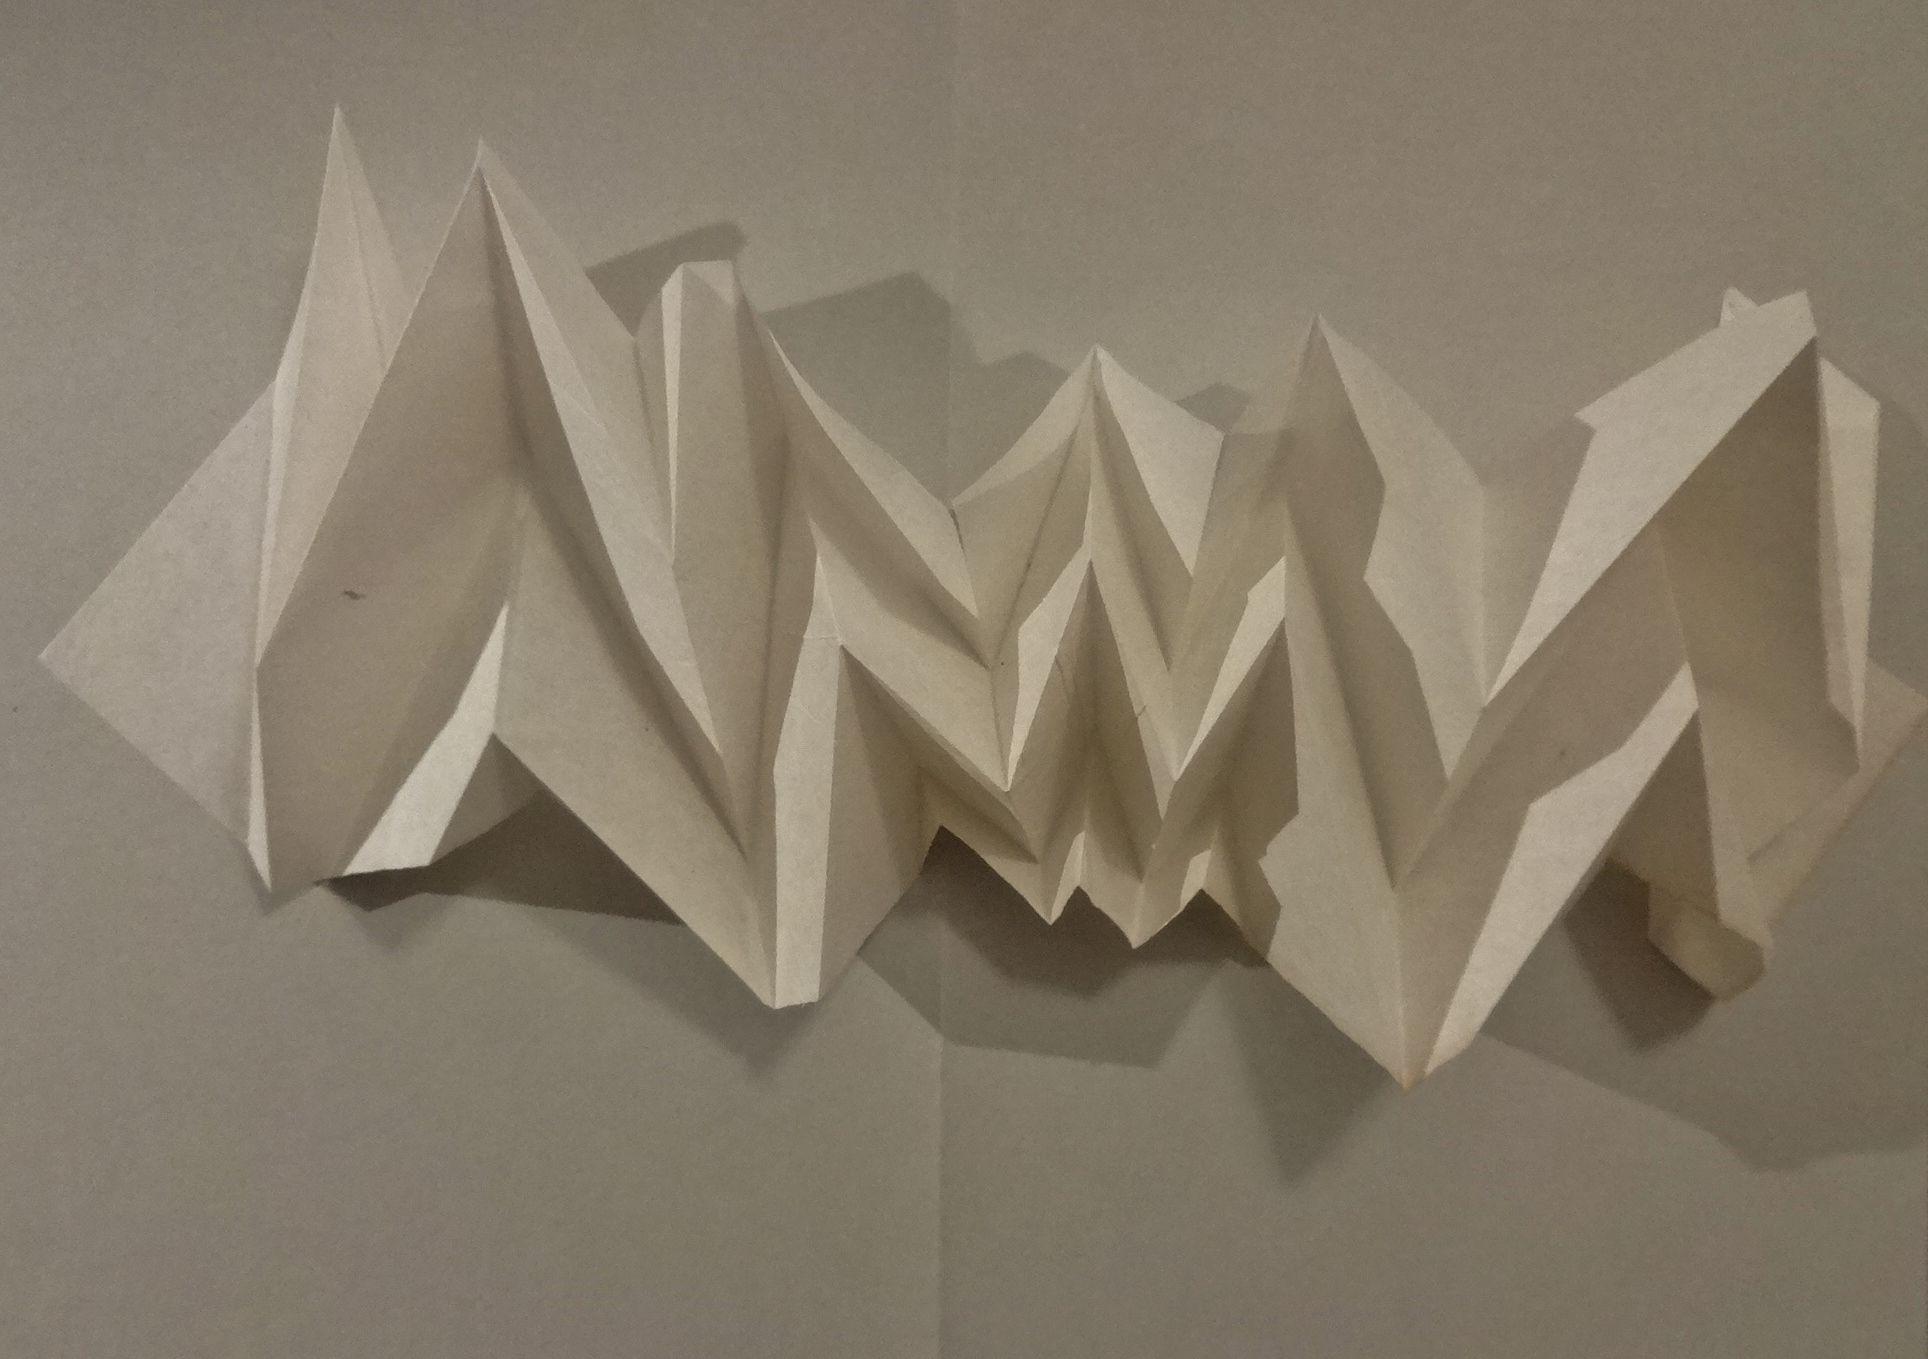 Faltungen aus einem Stück Papier. Frei gestaltet - kein Origami!